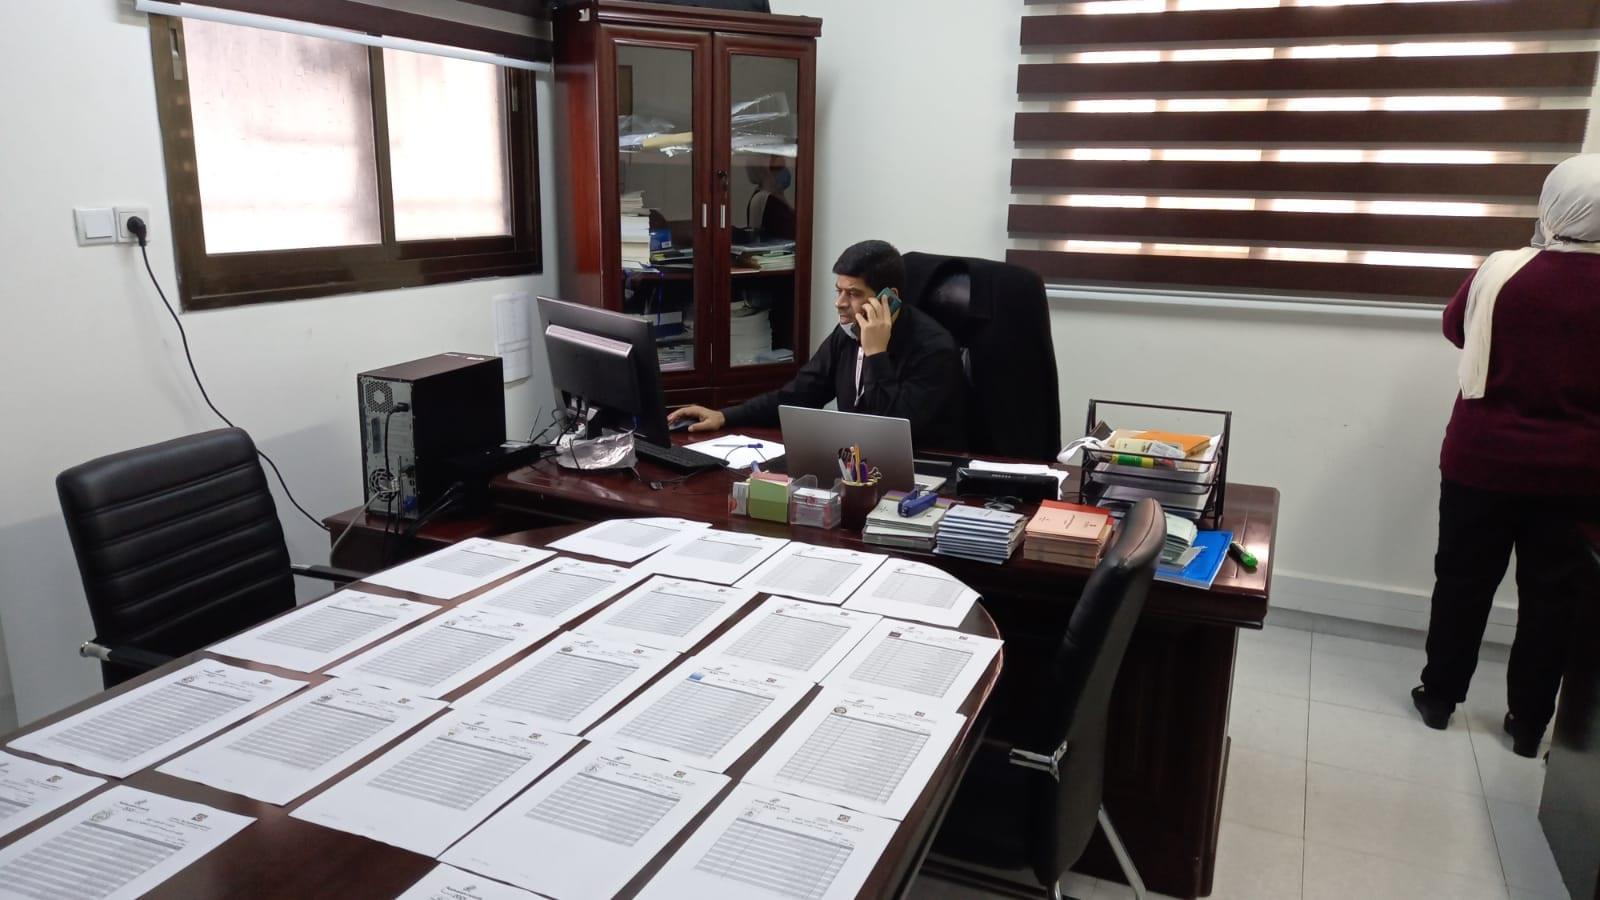 لجنة الانتخابات تعلن قرارها في الاعتراضات على قوائم ومرشحي الانتخابات